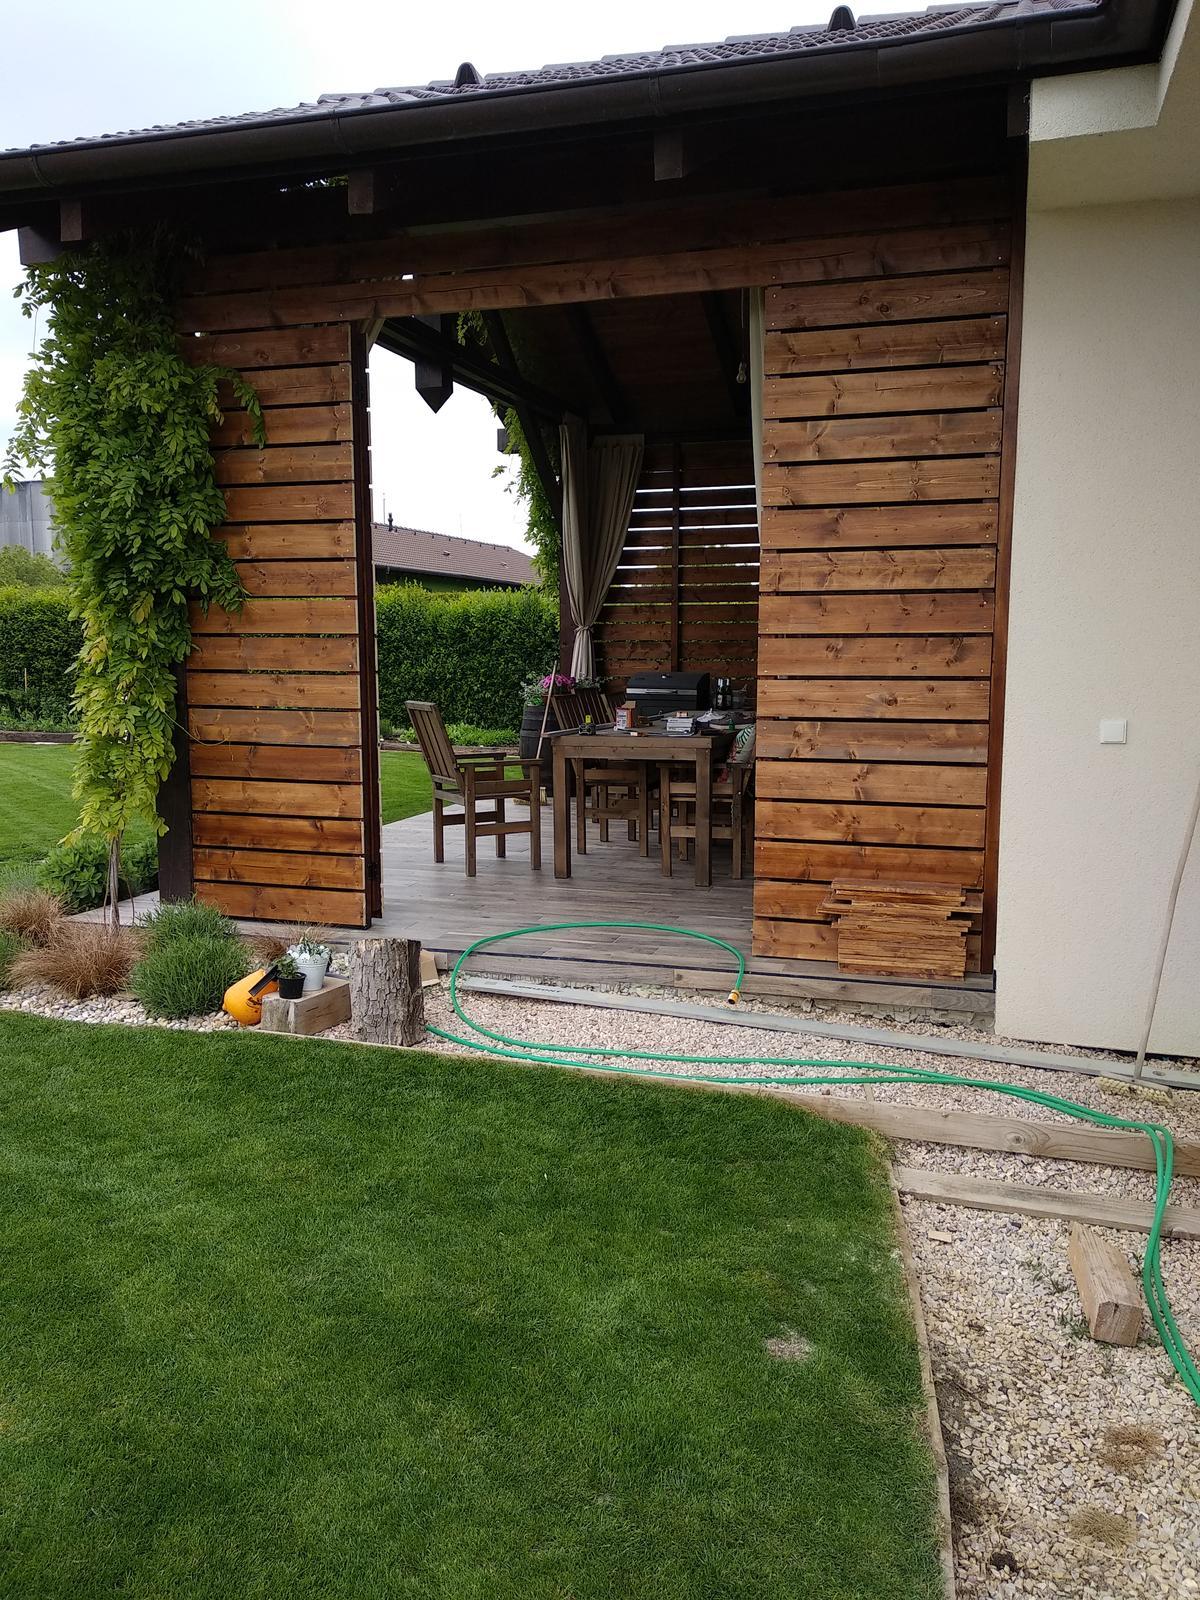 Náš domov :) - Vietor na terase vyriešený a aj pohľad na záhradu ostal 😊drevena stena a možnosťou otvorenia